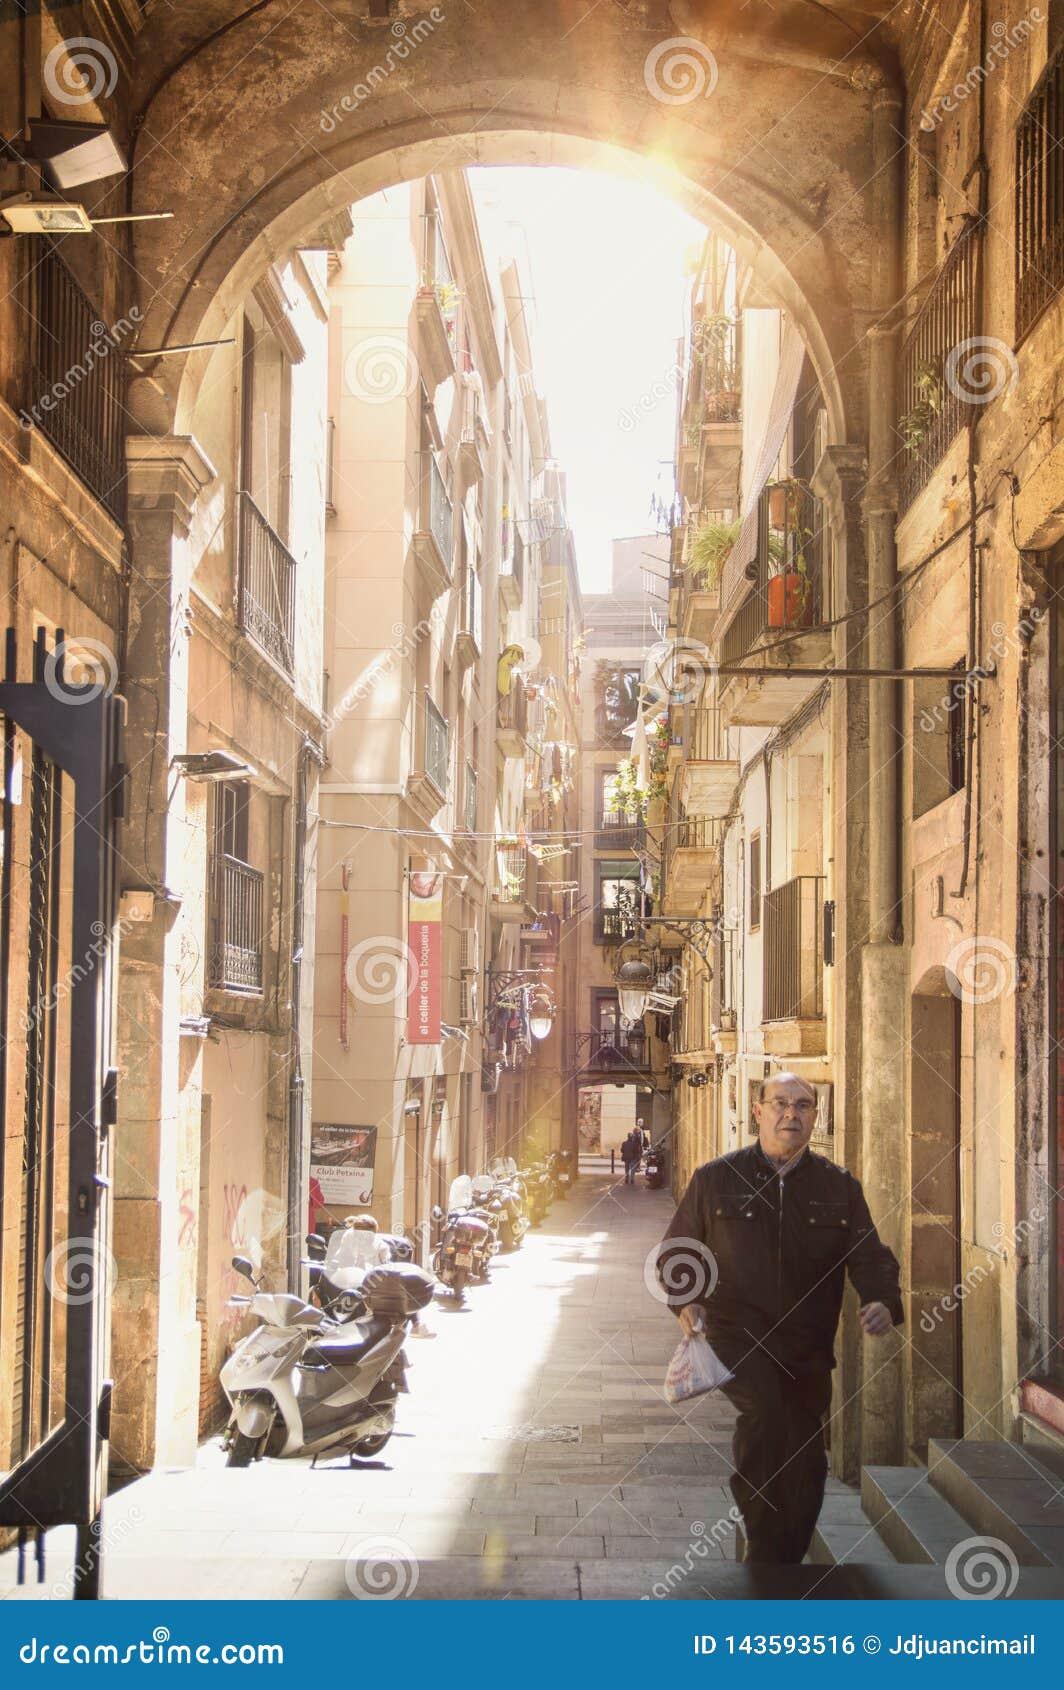 BARCELONA, 31 MAART: Labyrinthine smalle straat in het oude stads Gotische Kwart in Barcelona